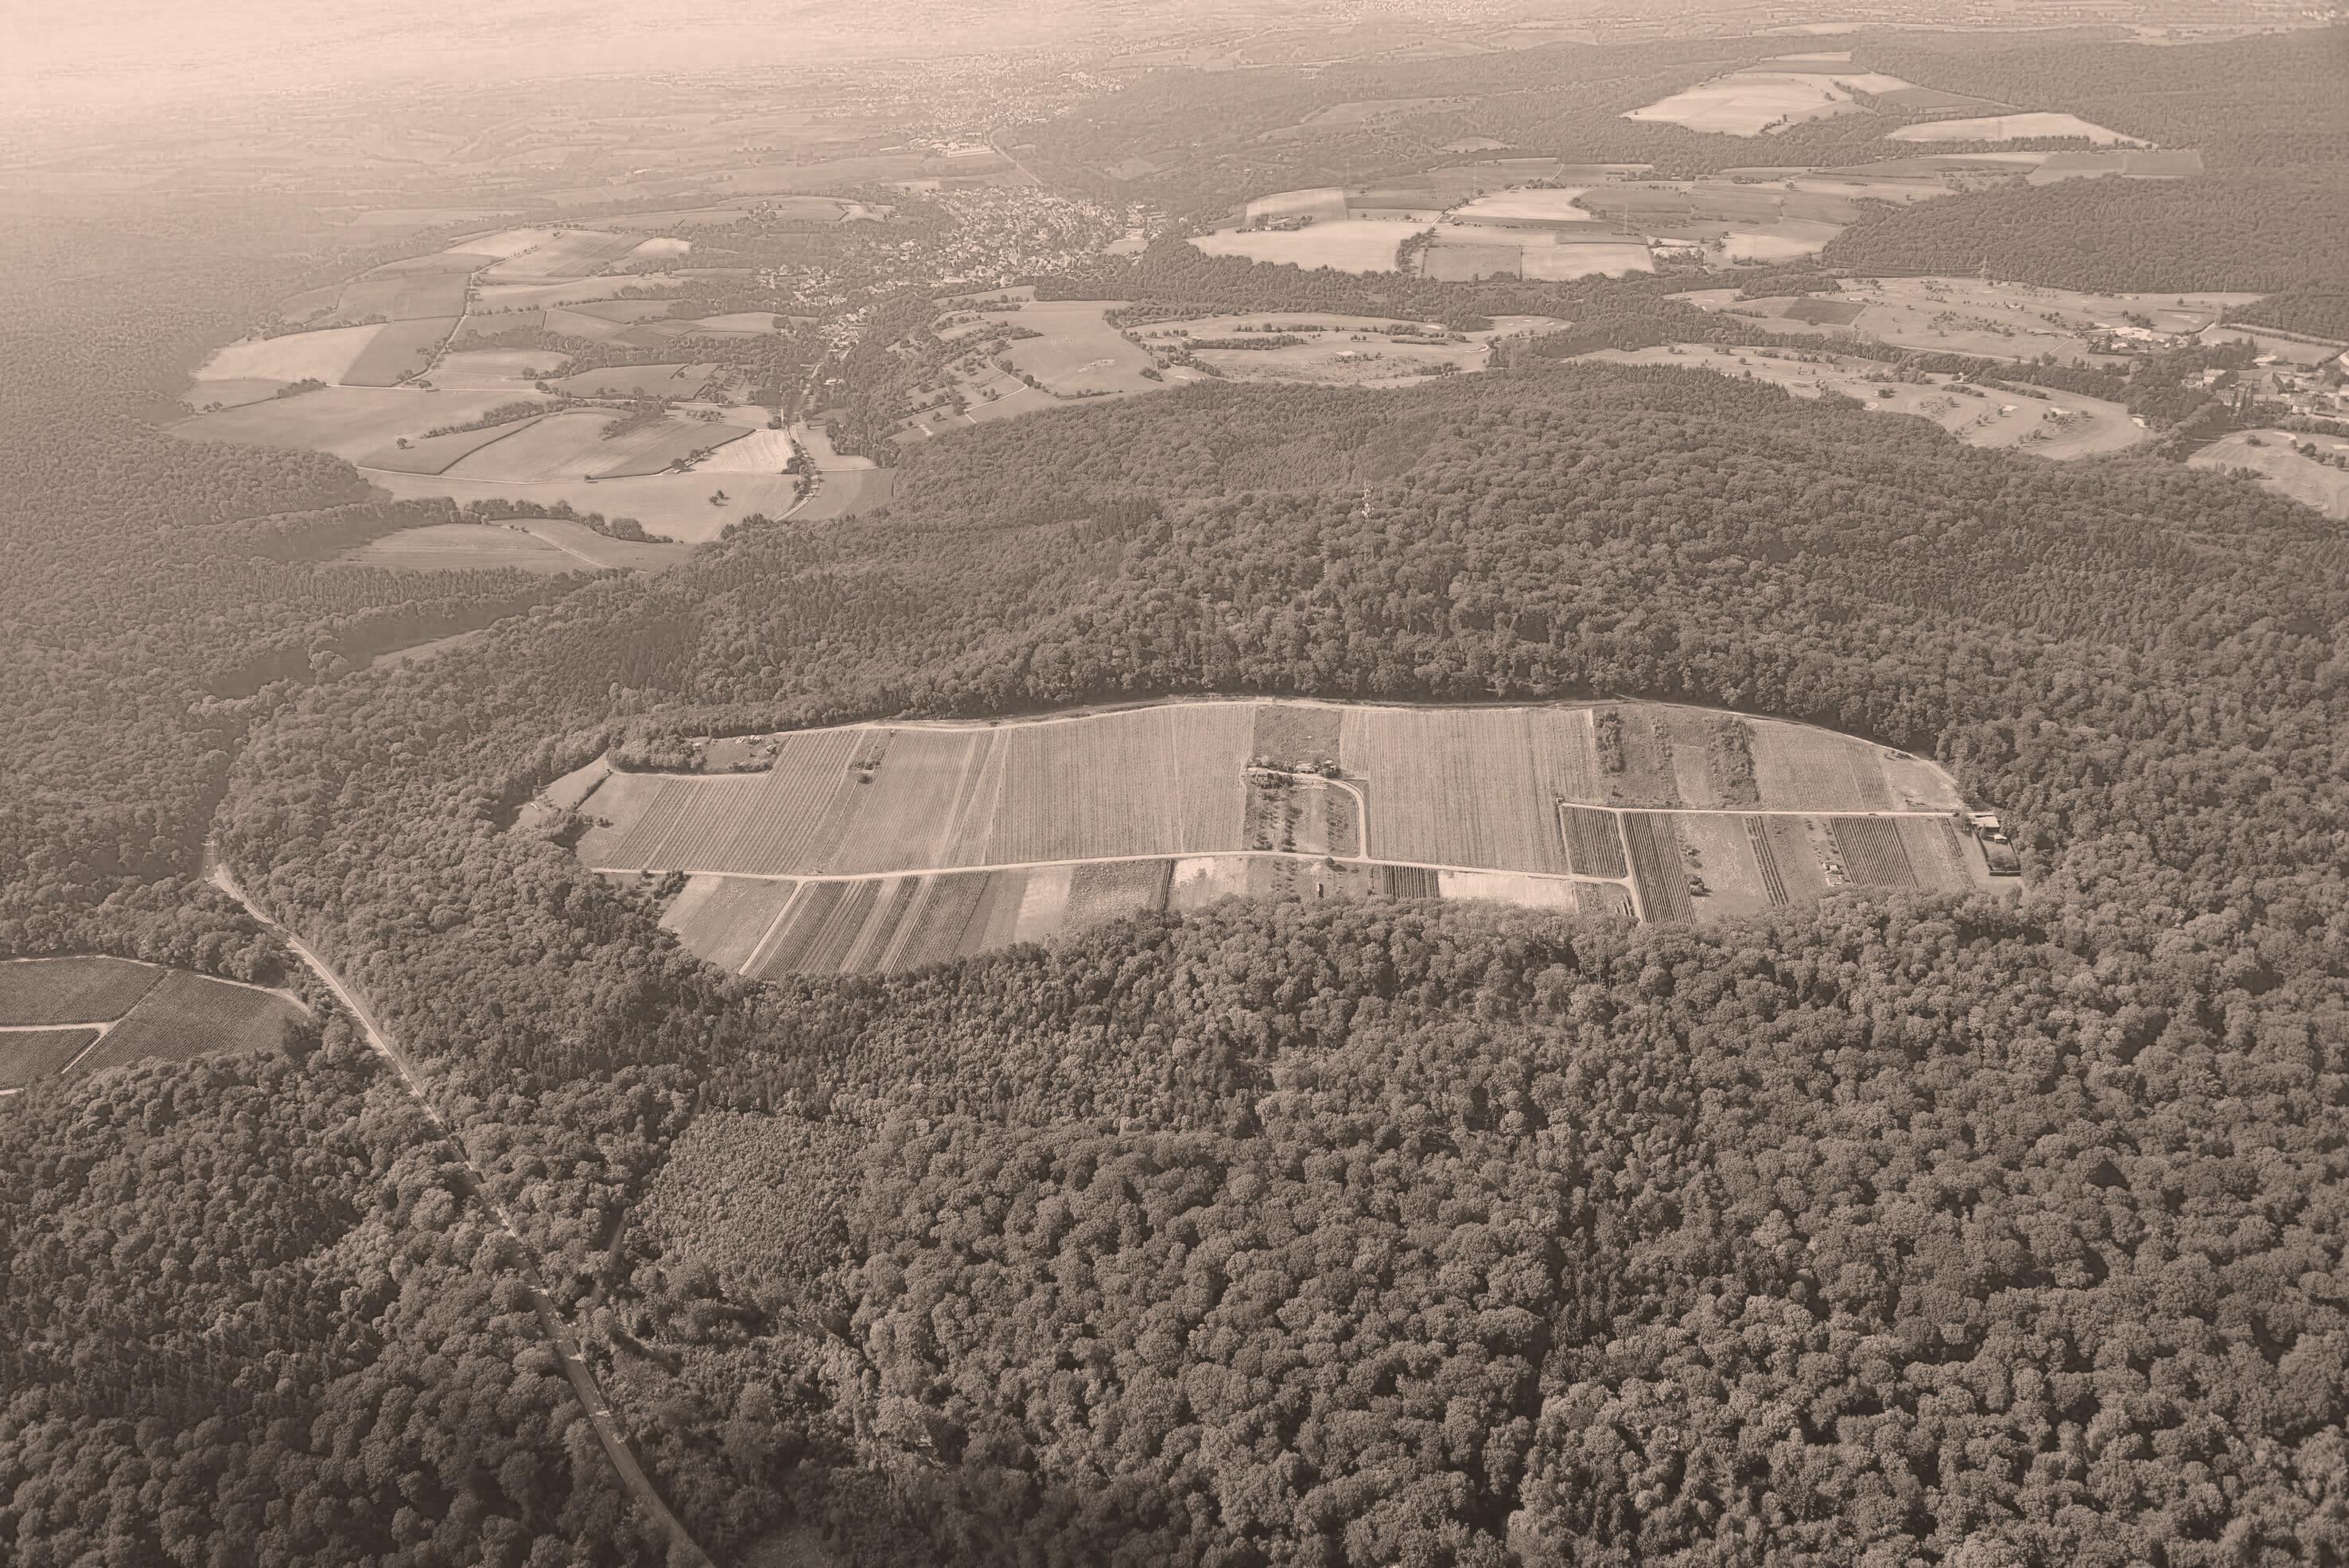 Luftaufnahme vom Weingut Heitlinger